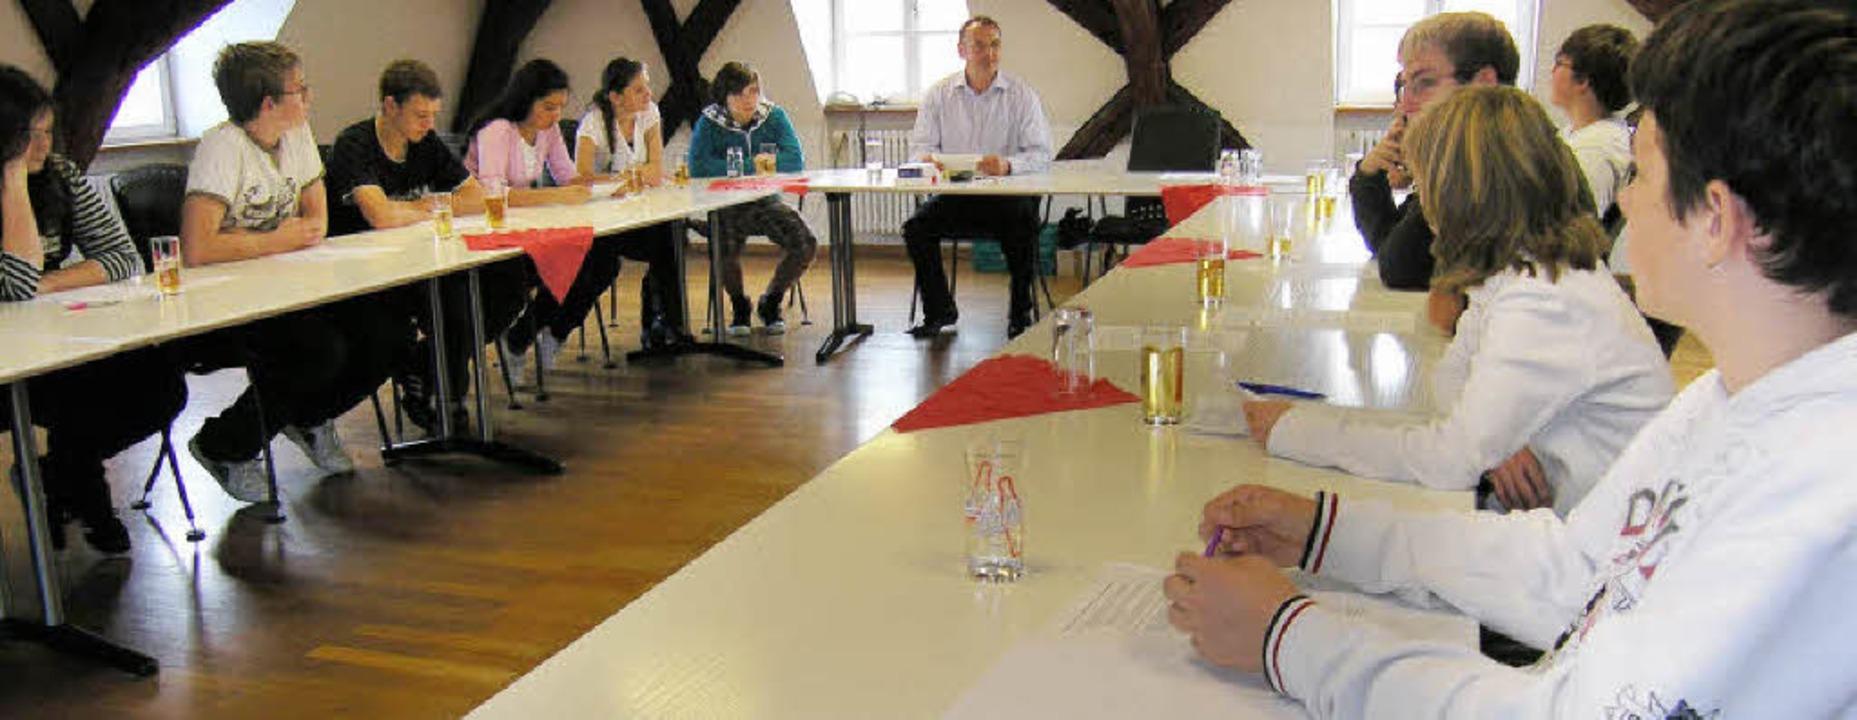 Politikunterricht im Rathaus: Riegels ...er Michaelschule spielen Gemeinderat.   | Foto: Haberer